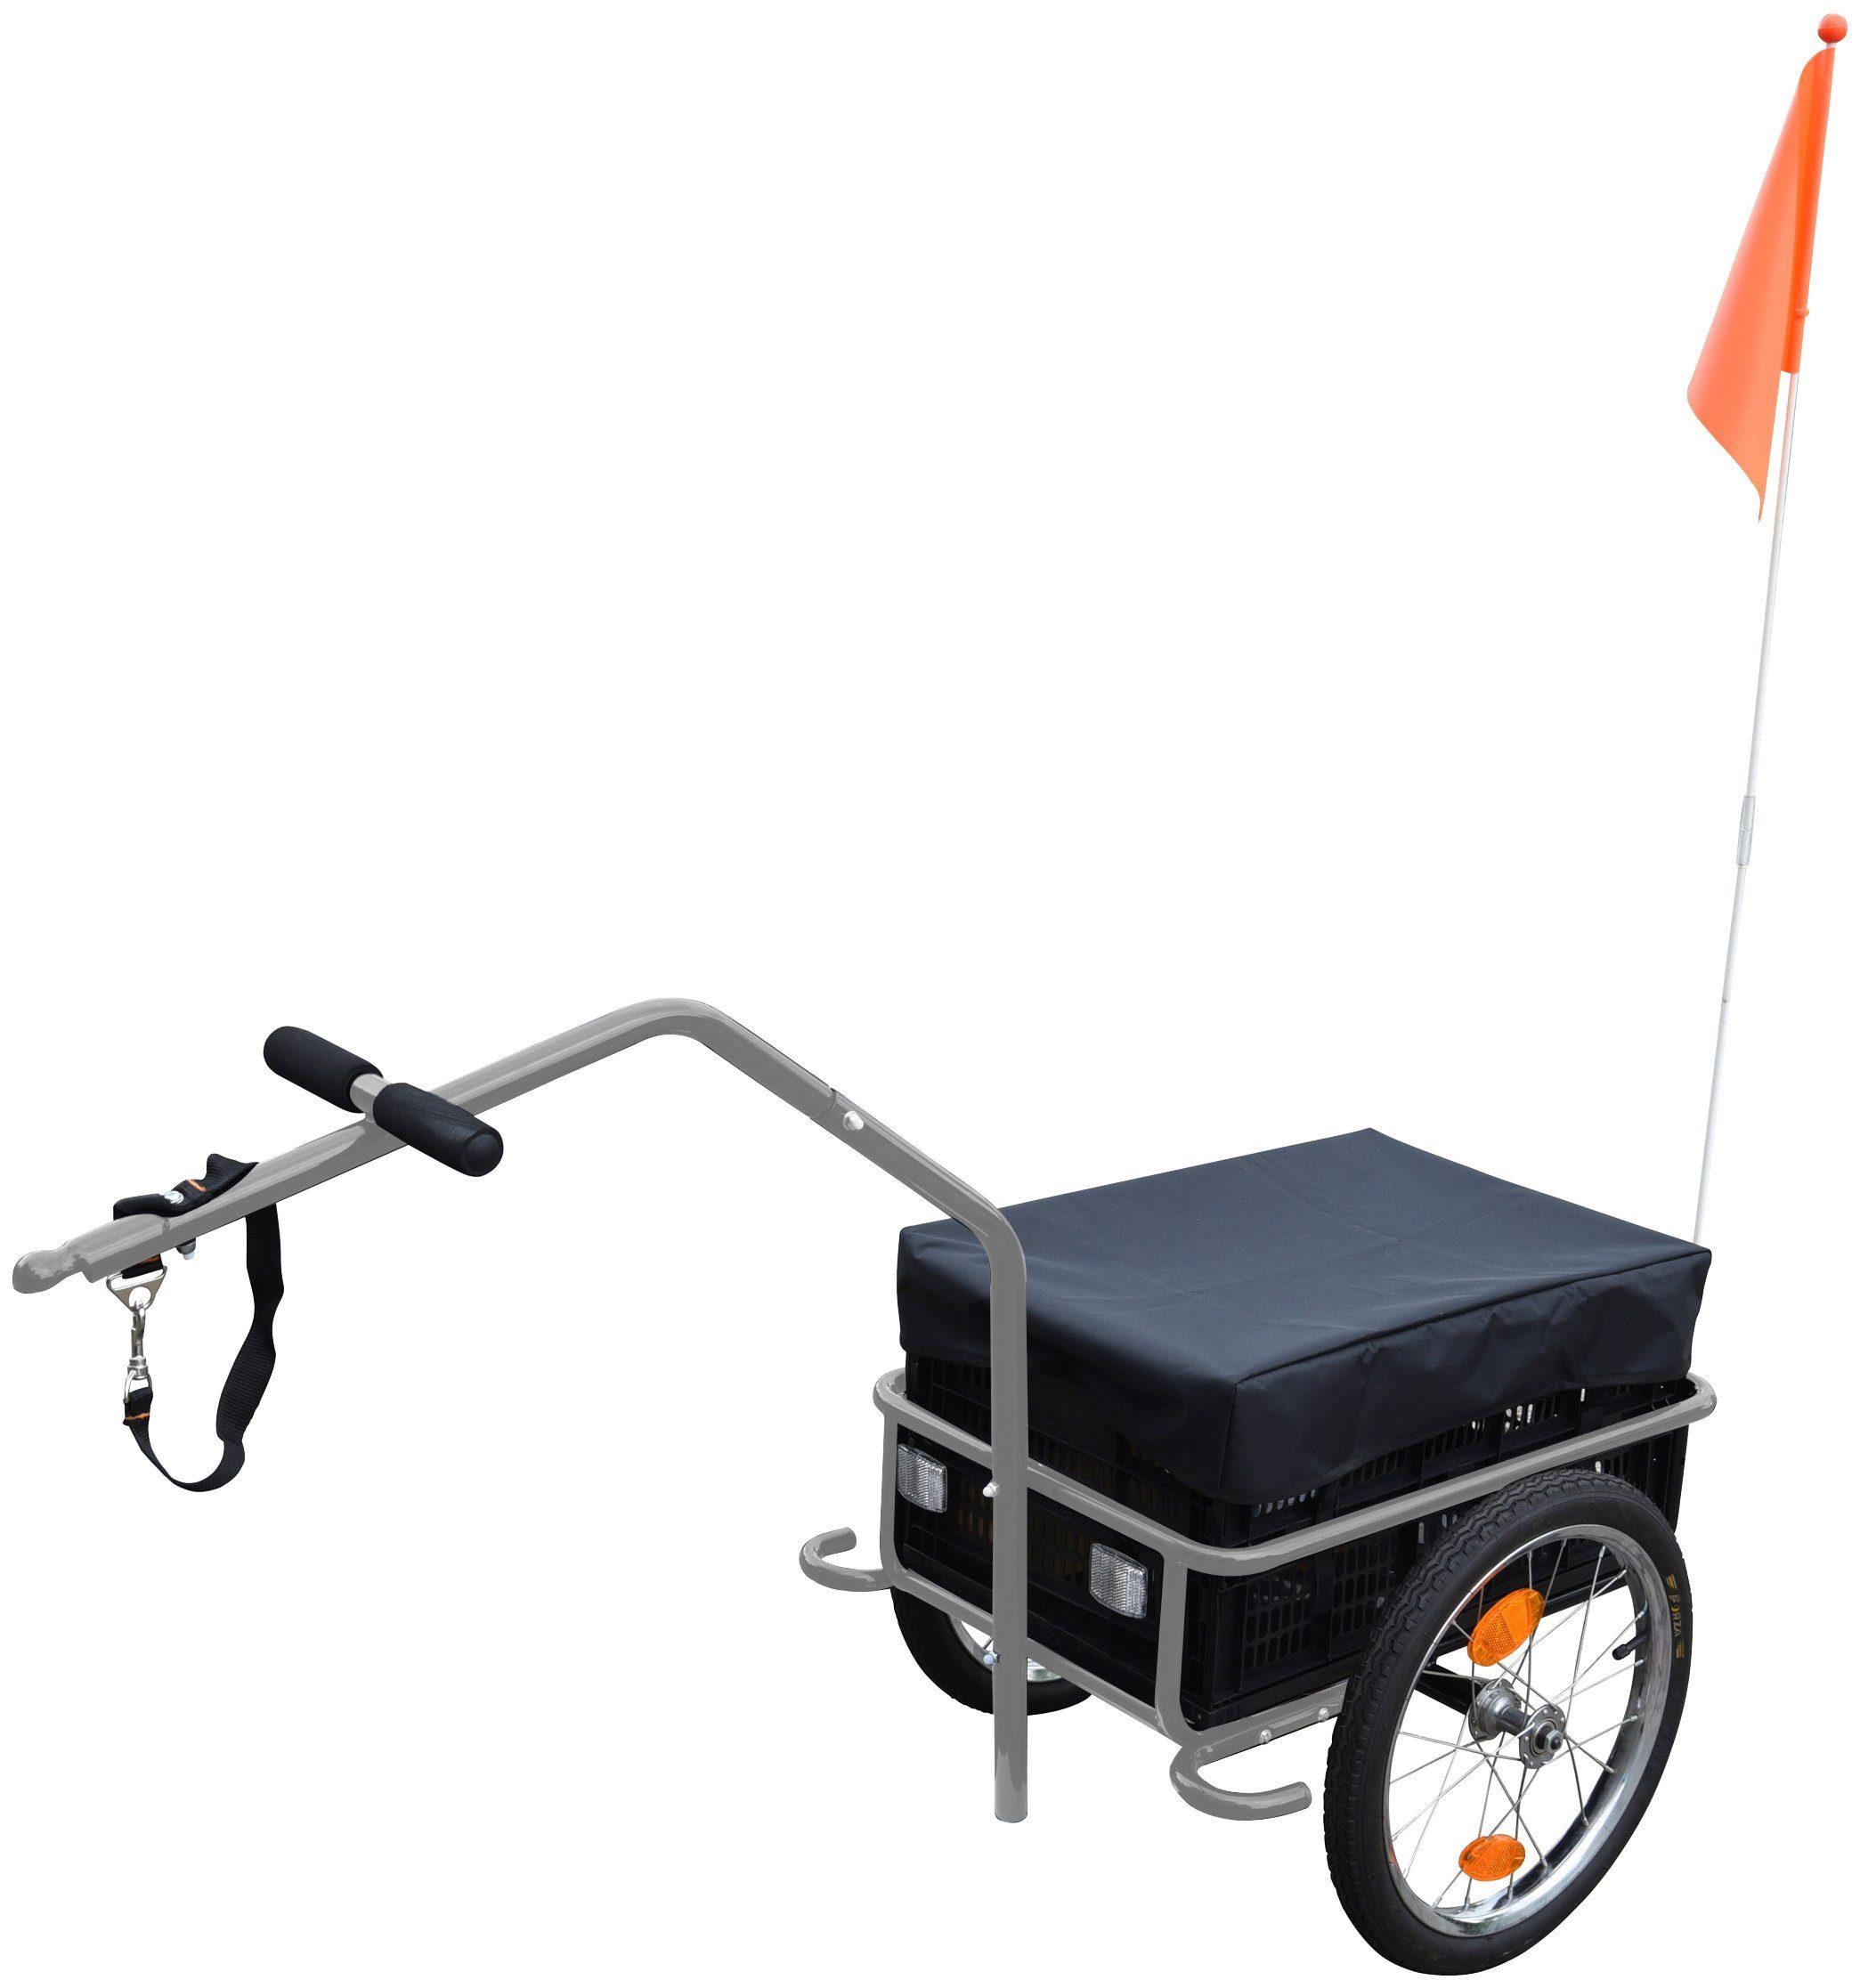 Fischer Fahrraeder Lasten-Fahrradanhänger »Profi Plus III«